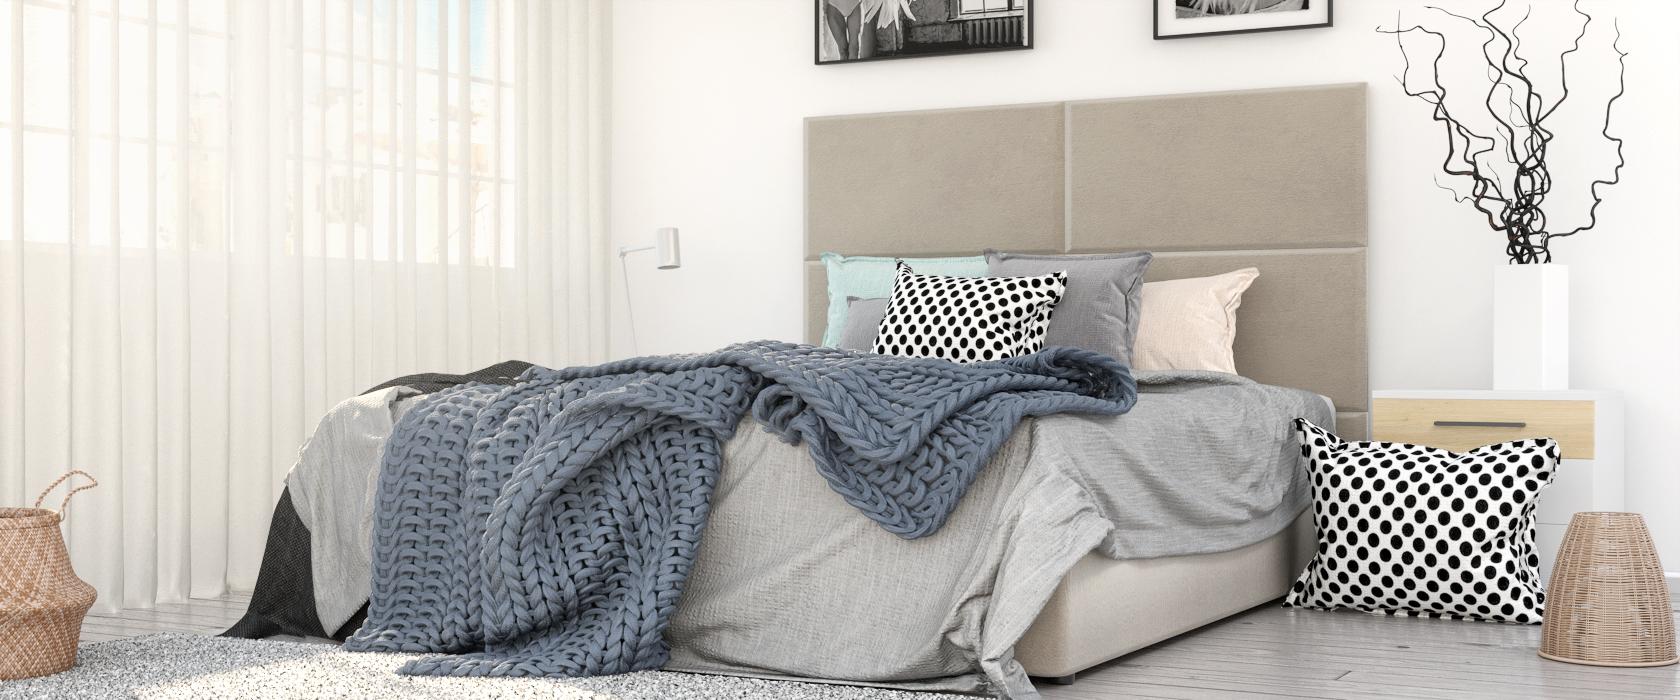 Кровать Foglia со стеновыми панелями - Фото 2 - Pufetto